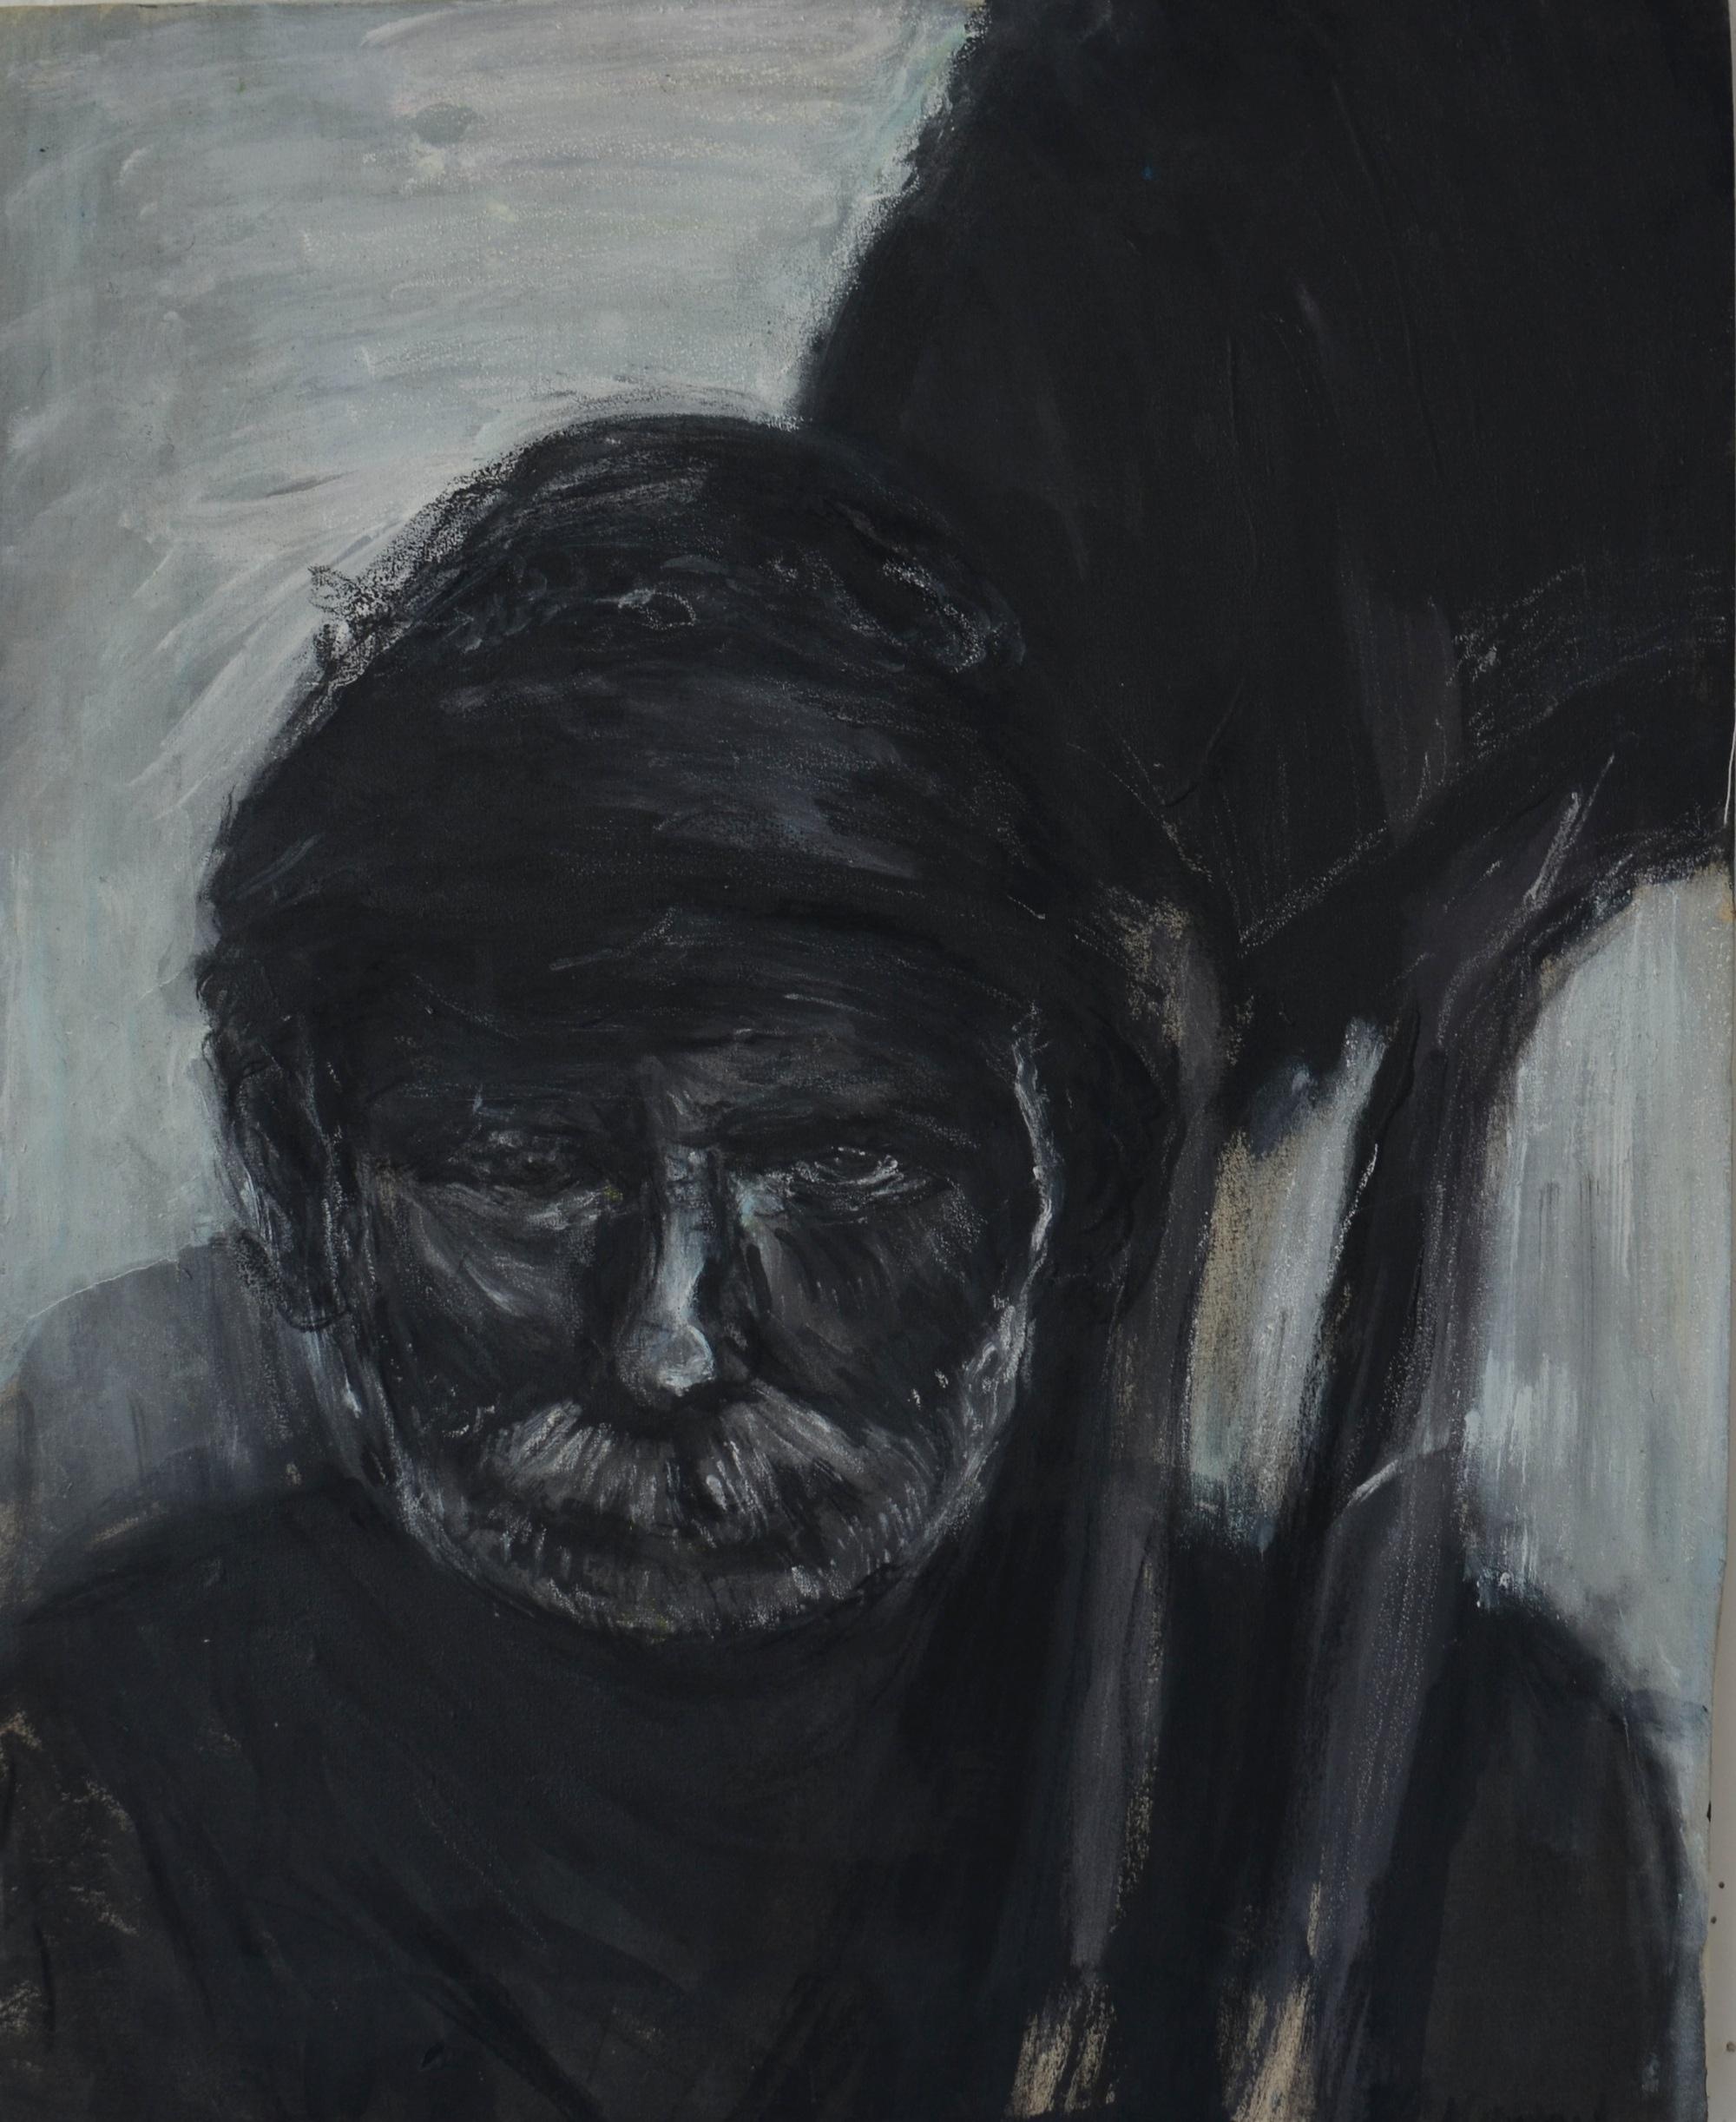 Charcoal,oil pastel,plastic colours on camvas.Coal miner.45x58cm